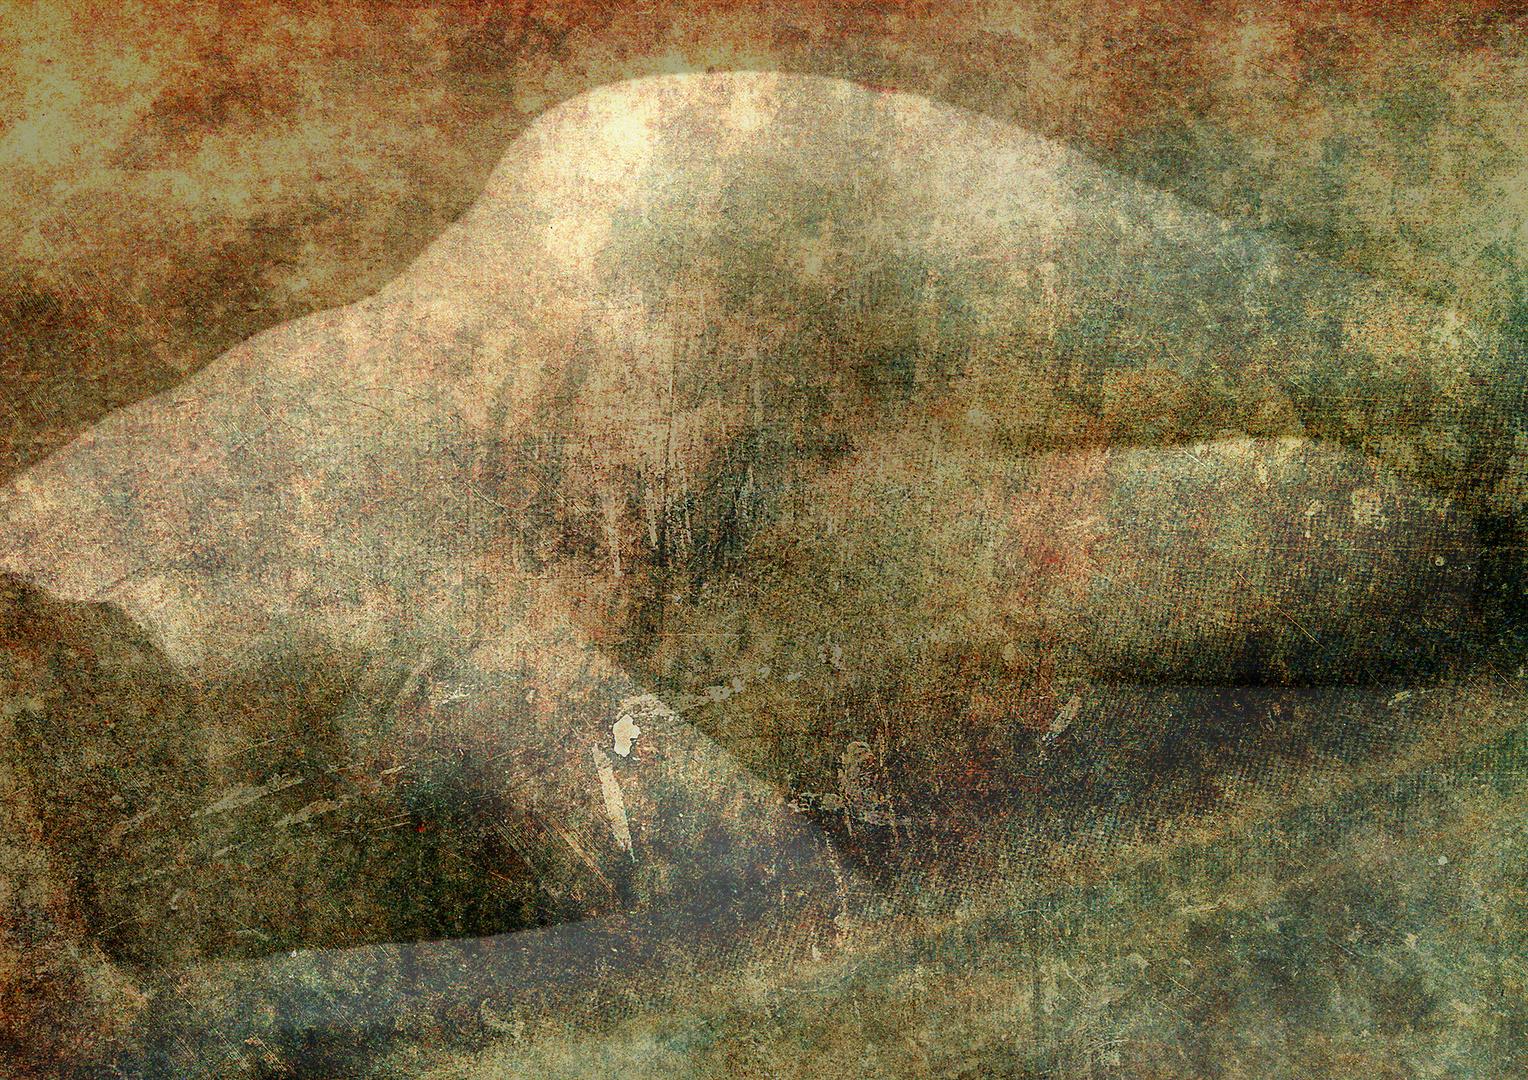 IM4_3179  texturef.jpg